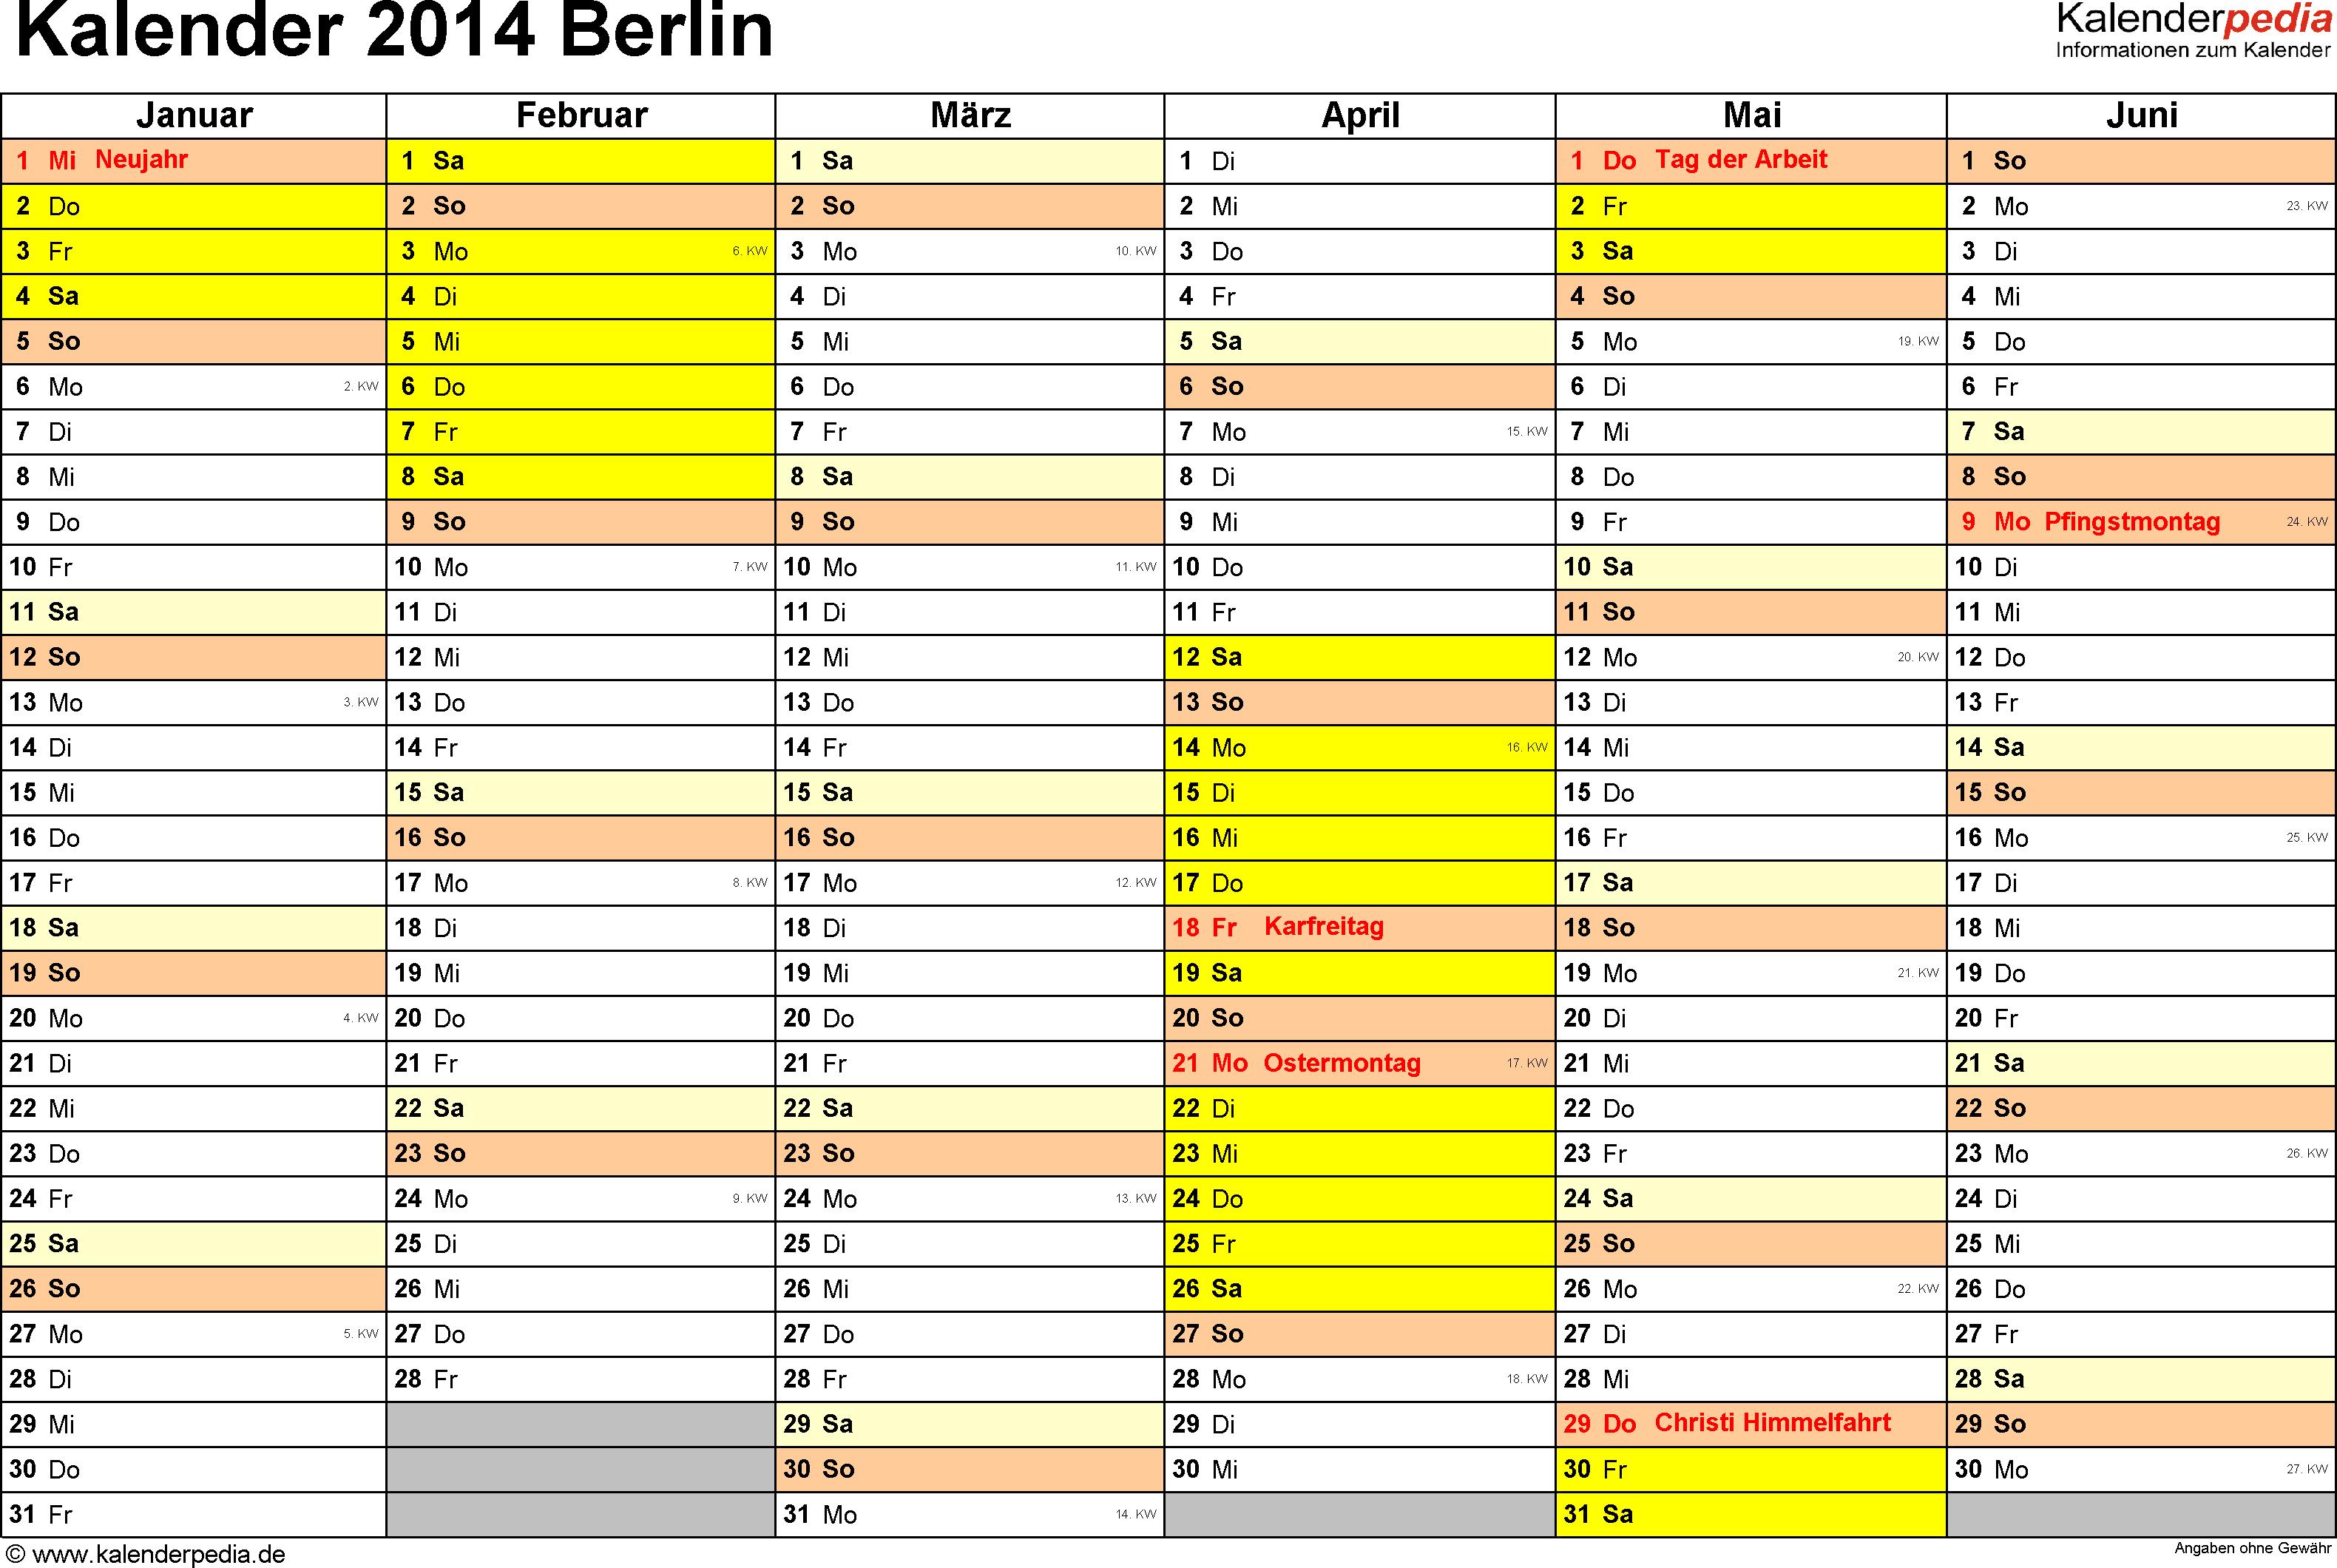 Vorlage 3: Kalender 2014 für Berlin als Word-Vorlagen (Querformat, 2 Seiten)